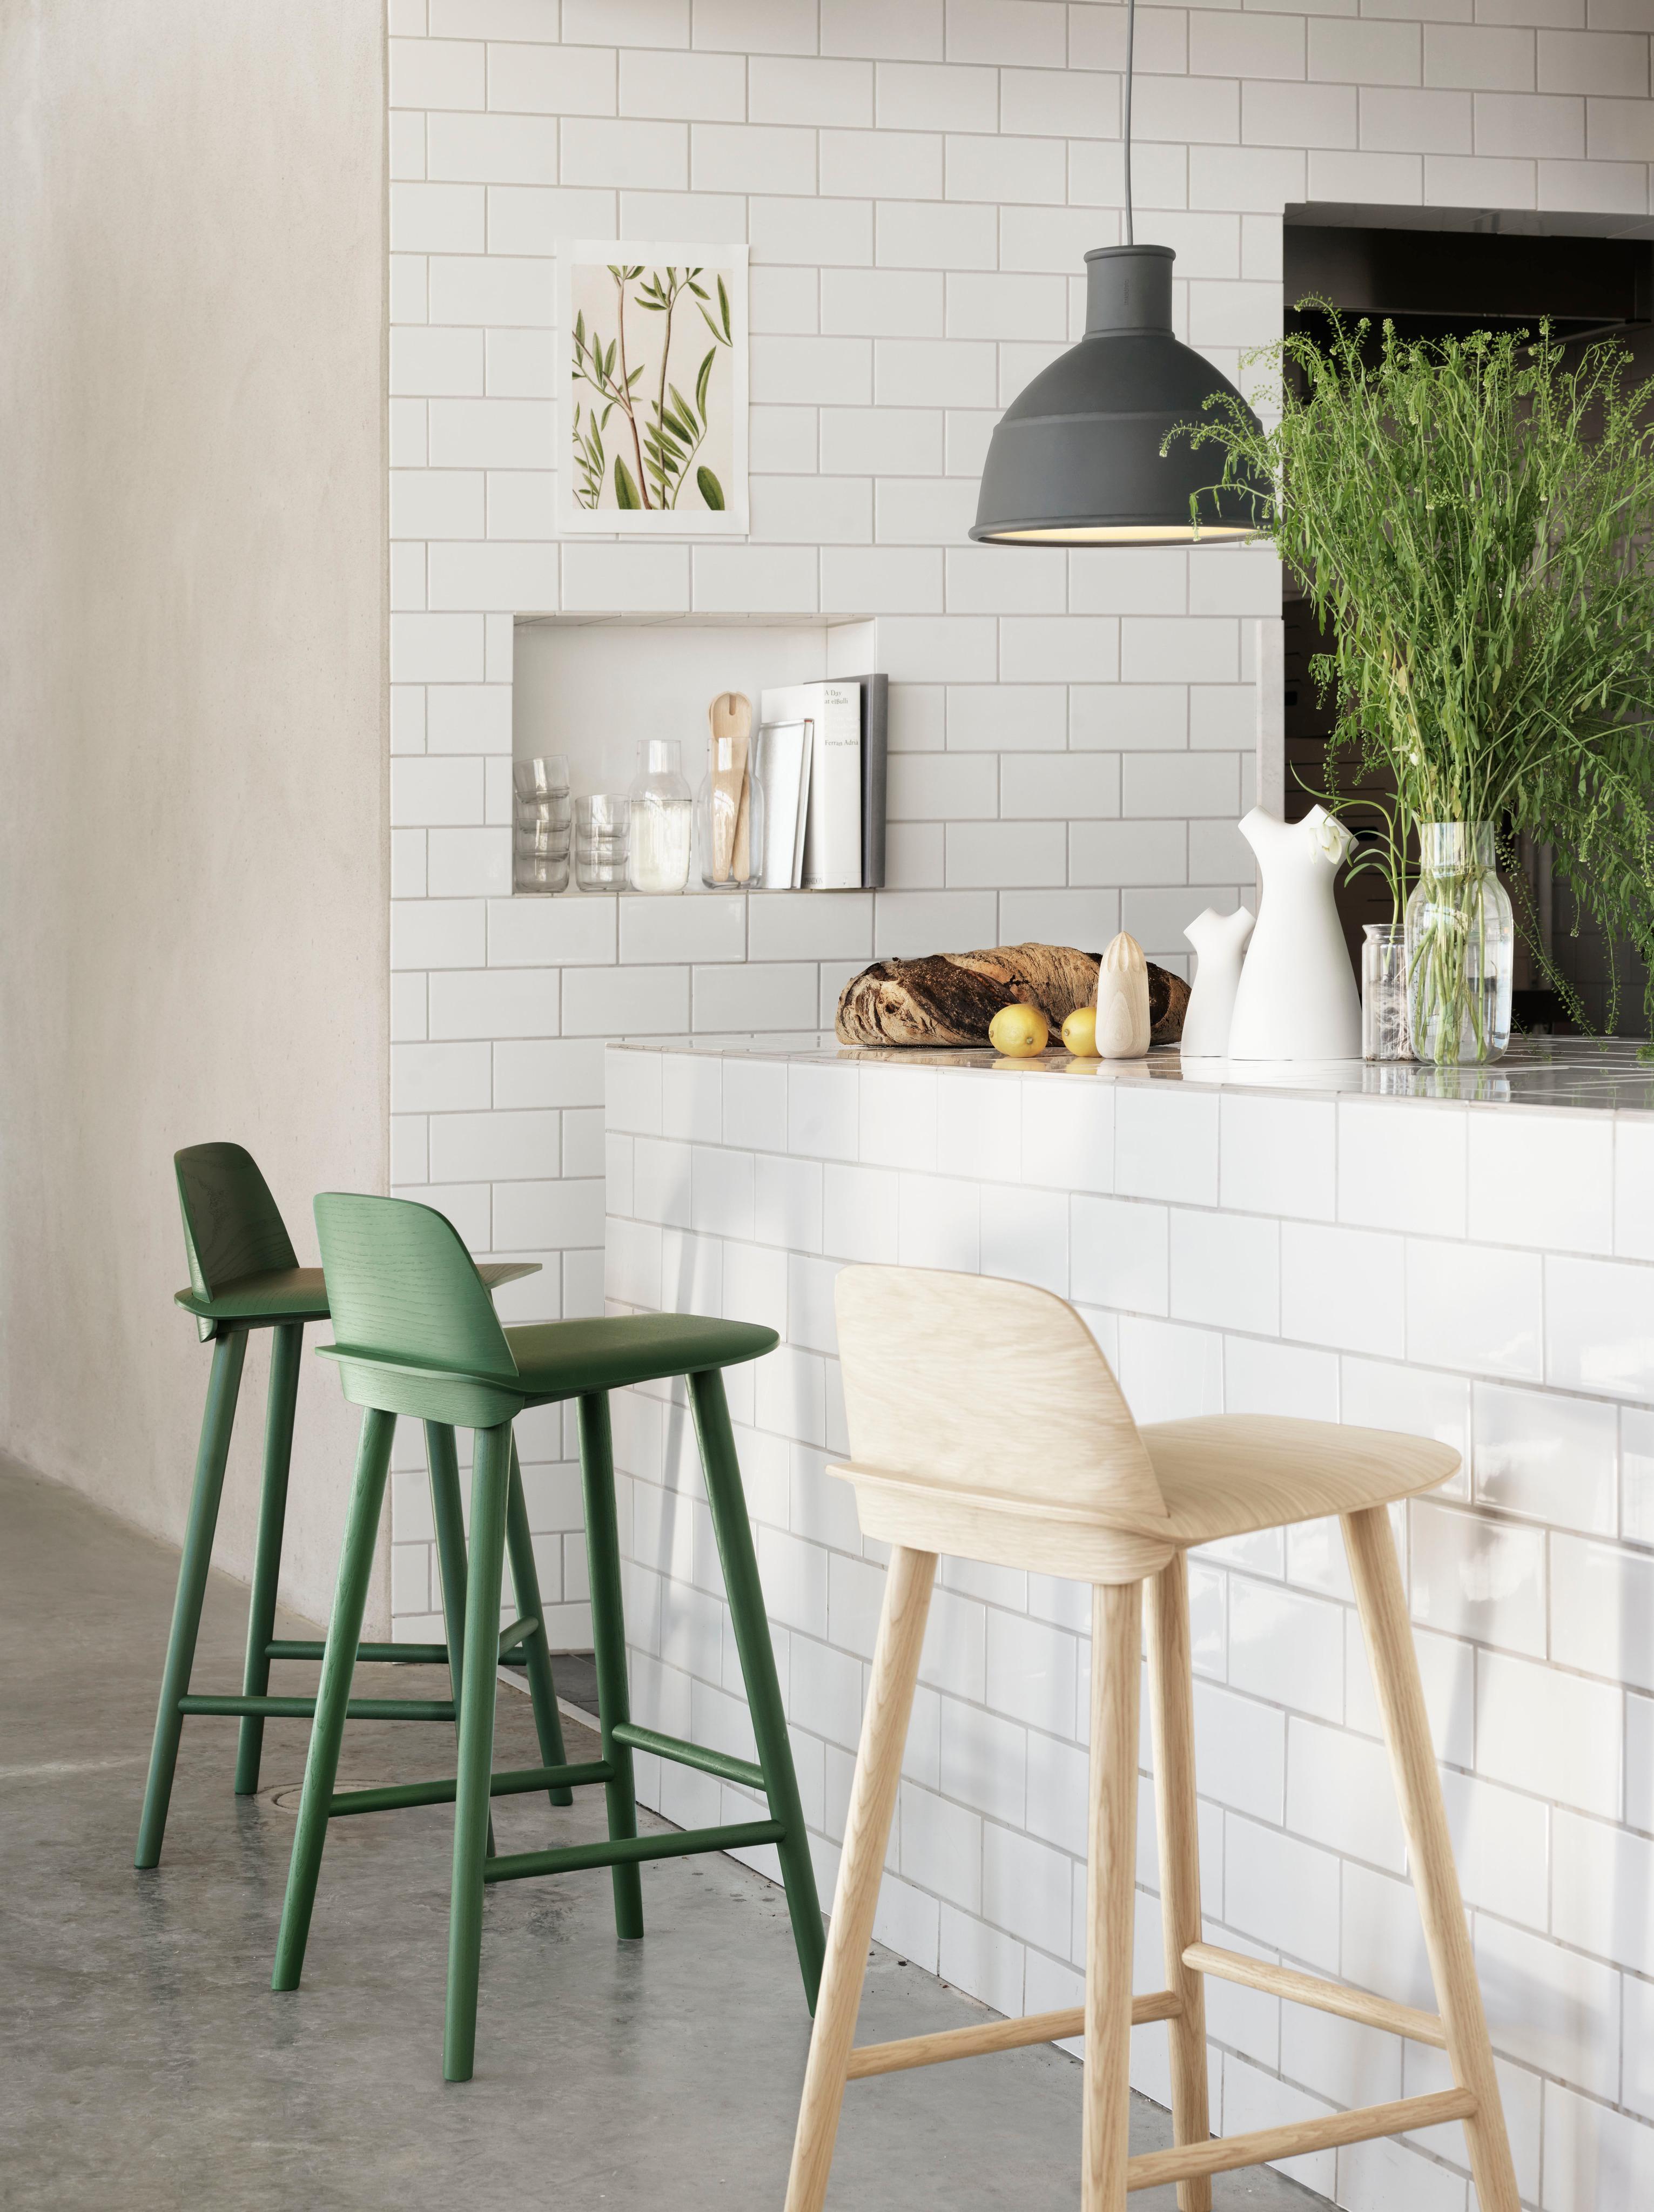 barhocker bambus bild zeigt den bambus barhocker machtan mit seiner sitzflche aus fest und. Black Bedroom Furniture Sets. Home Design Ideas